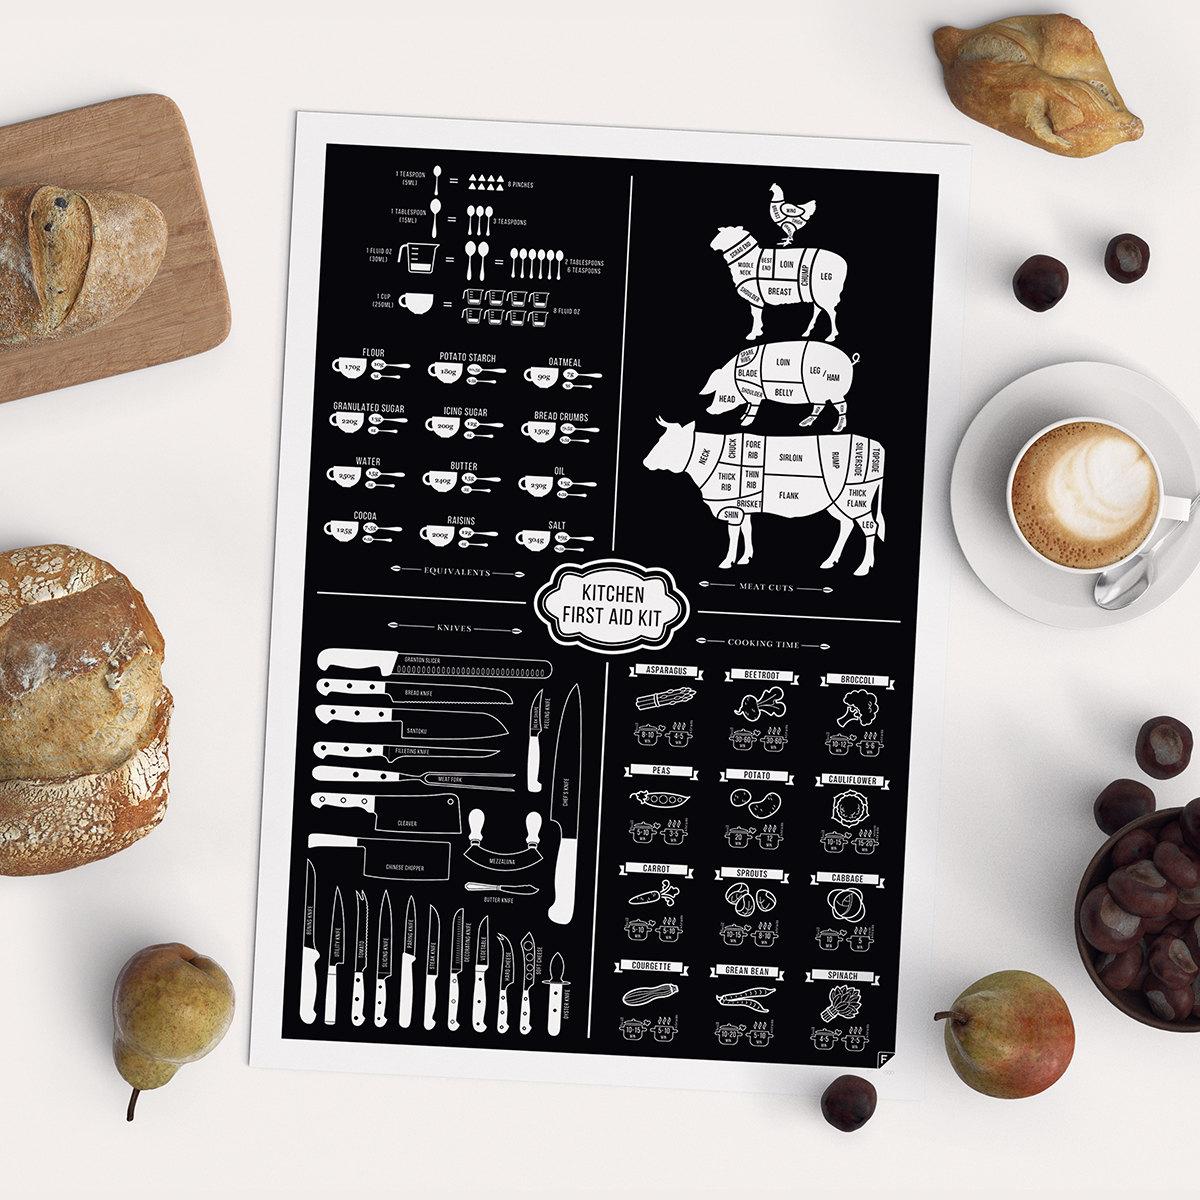 Feinschmecker Küche-erste-Hilfe-Kit Geschenk Küche Druck | Etsy